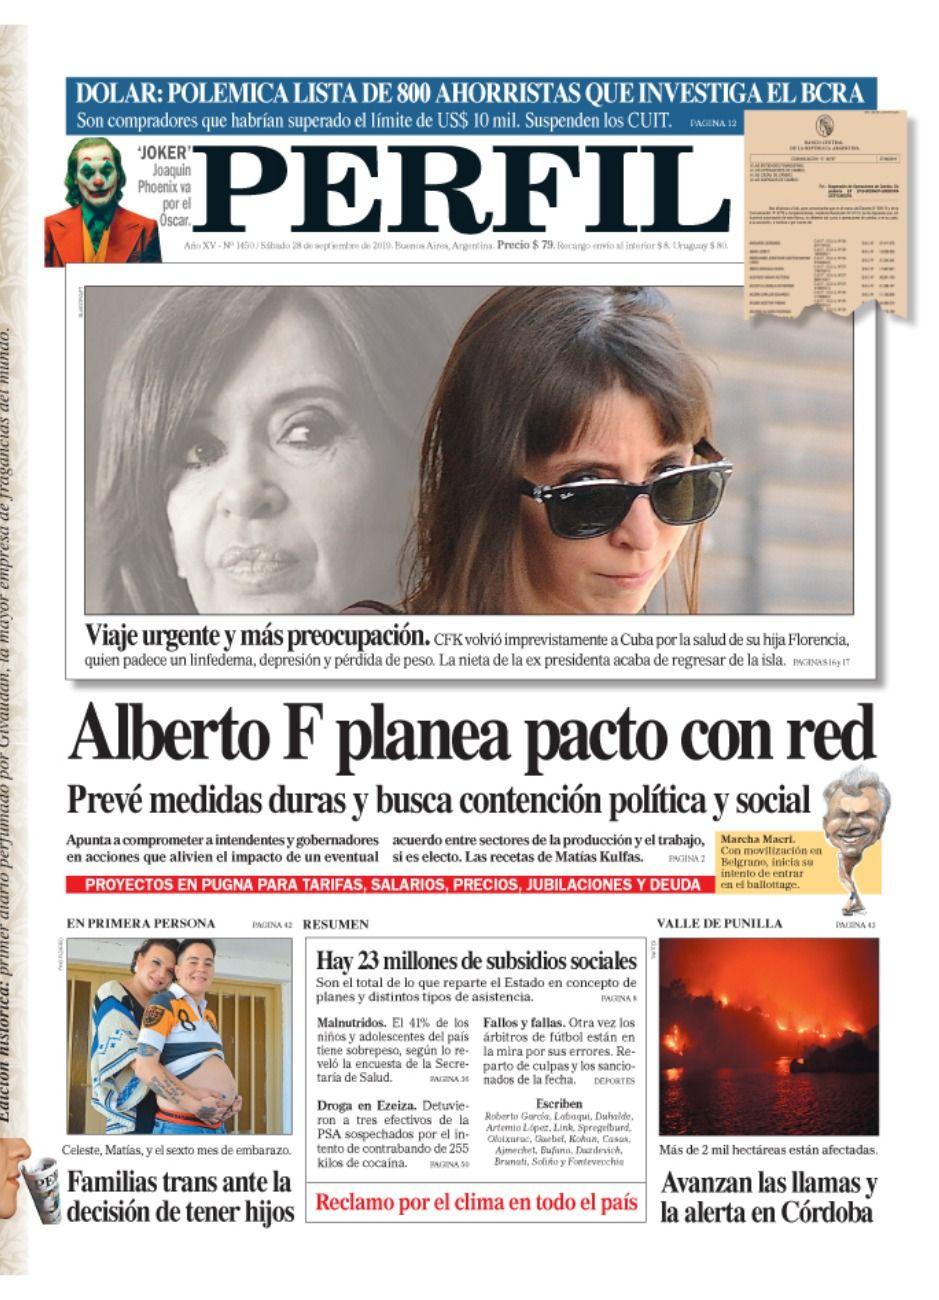 La tapa de diario PERFIL del sábado 28 de septiembre.